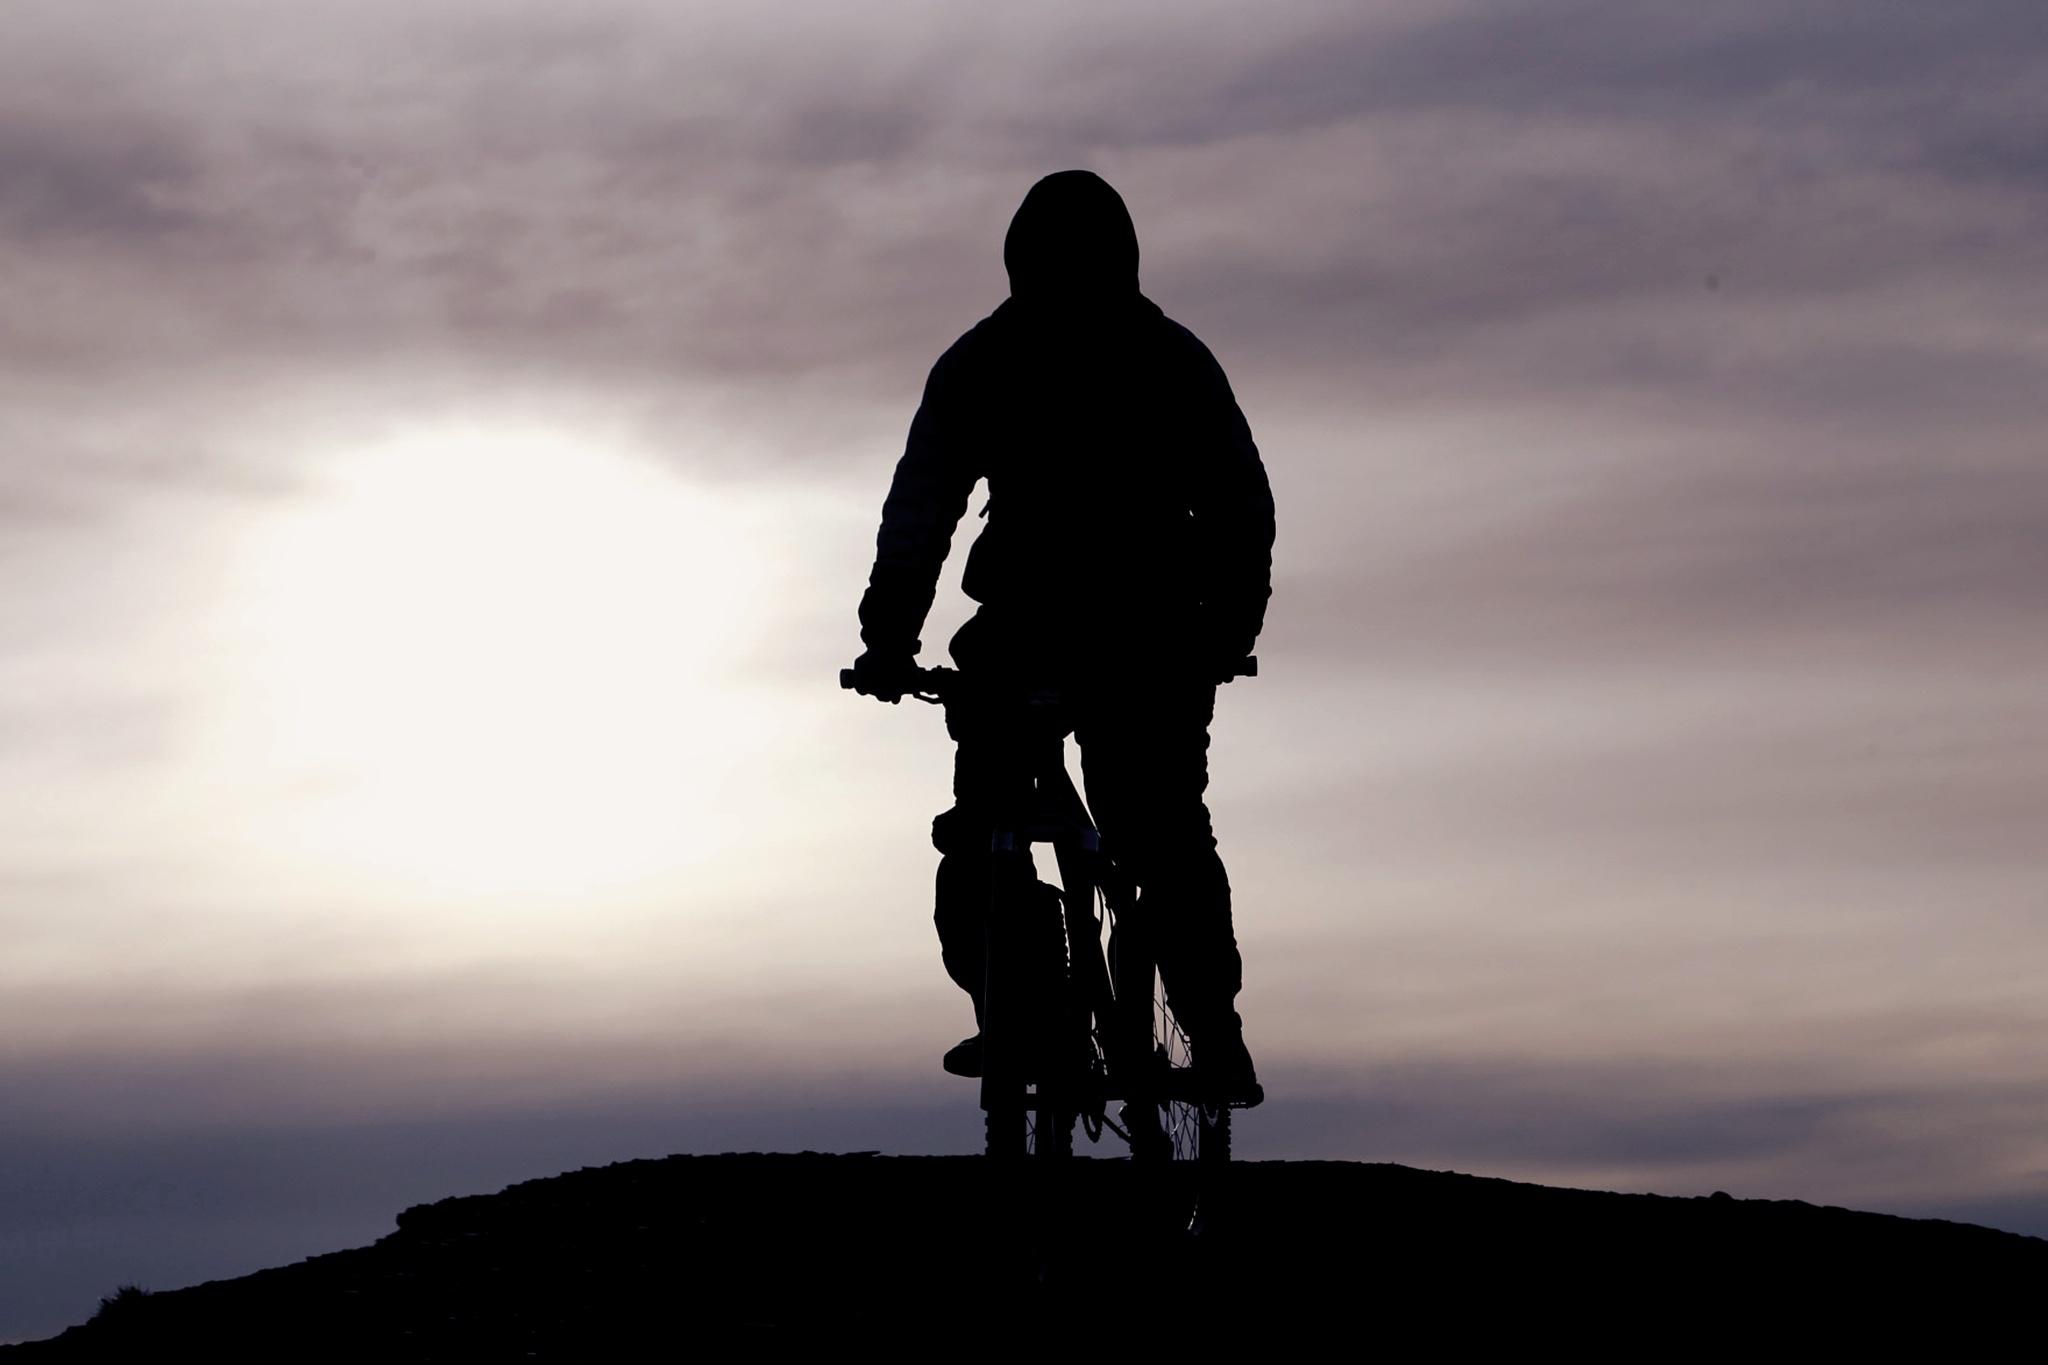 Bike by Horacio Salinas